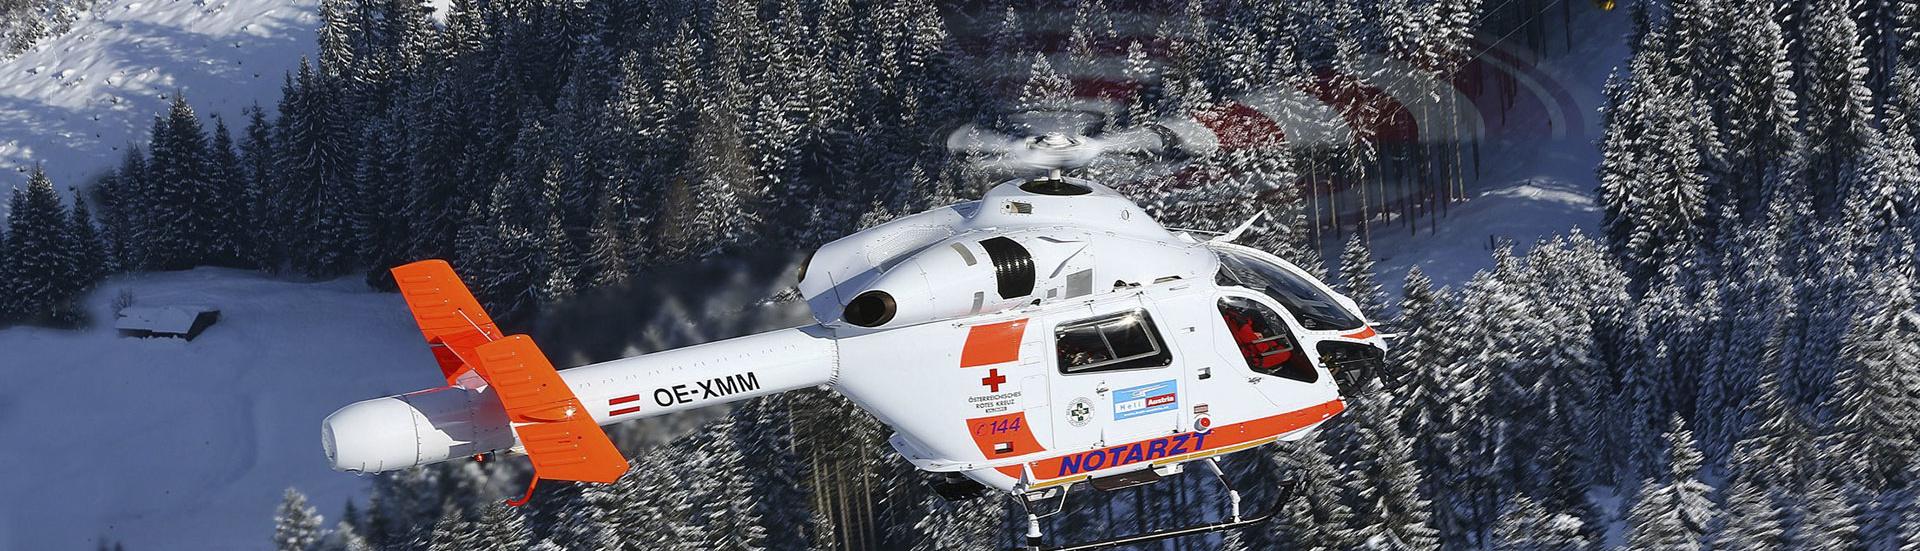 Hubschrauber Heli Austria - Notarzthubschrauber OE-XMM, Lackierung - Kfz Fachbetrieb Preussler - Radstadt, Österreich